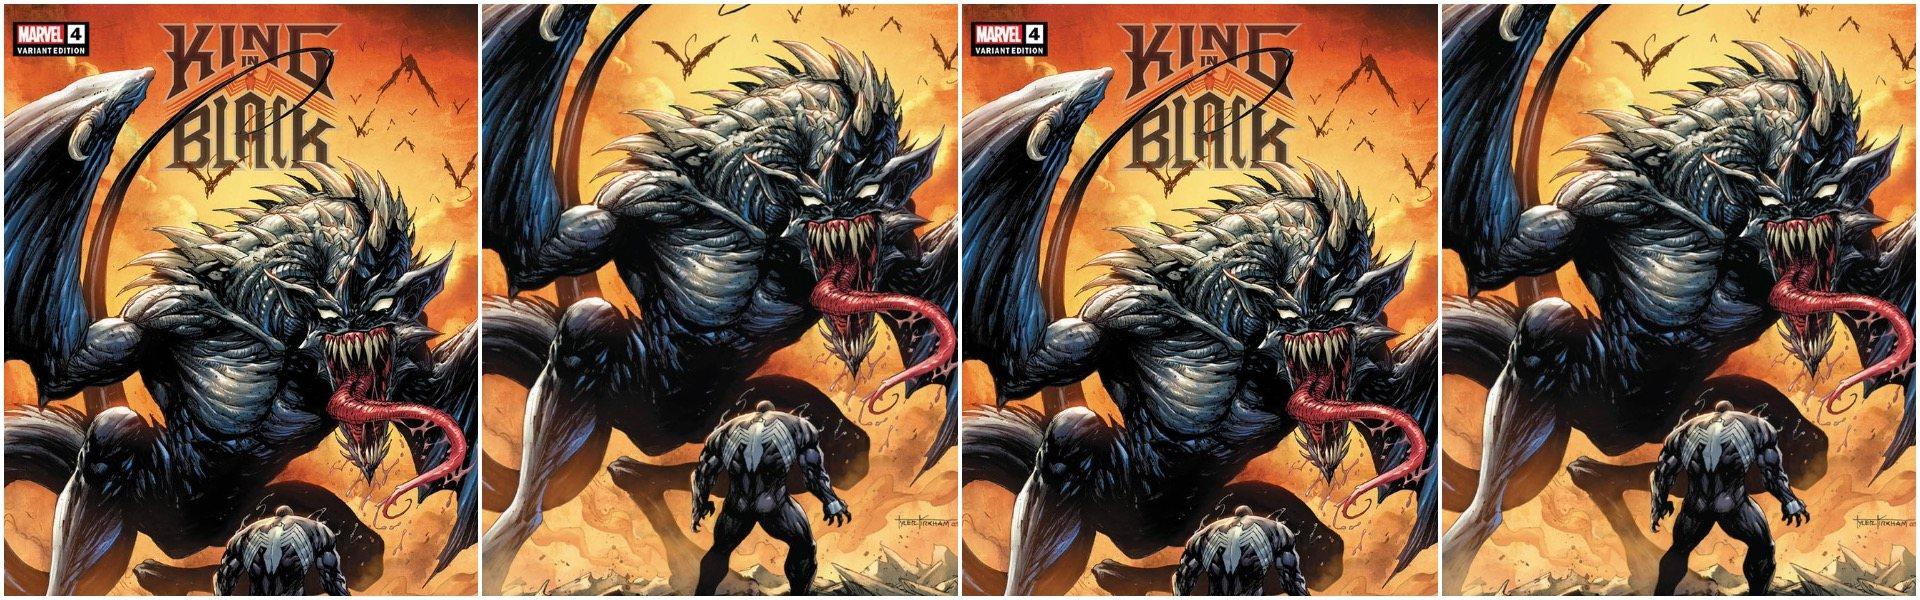 King in Black #4 Tyler Kirkham Variants